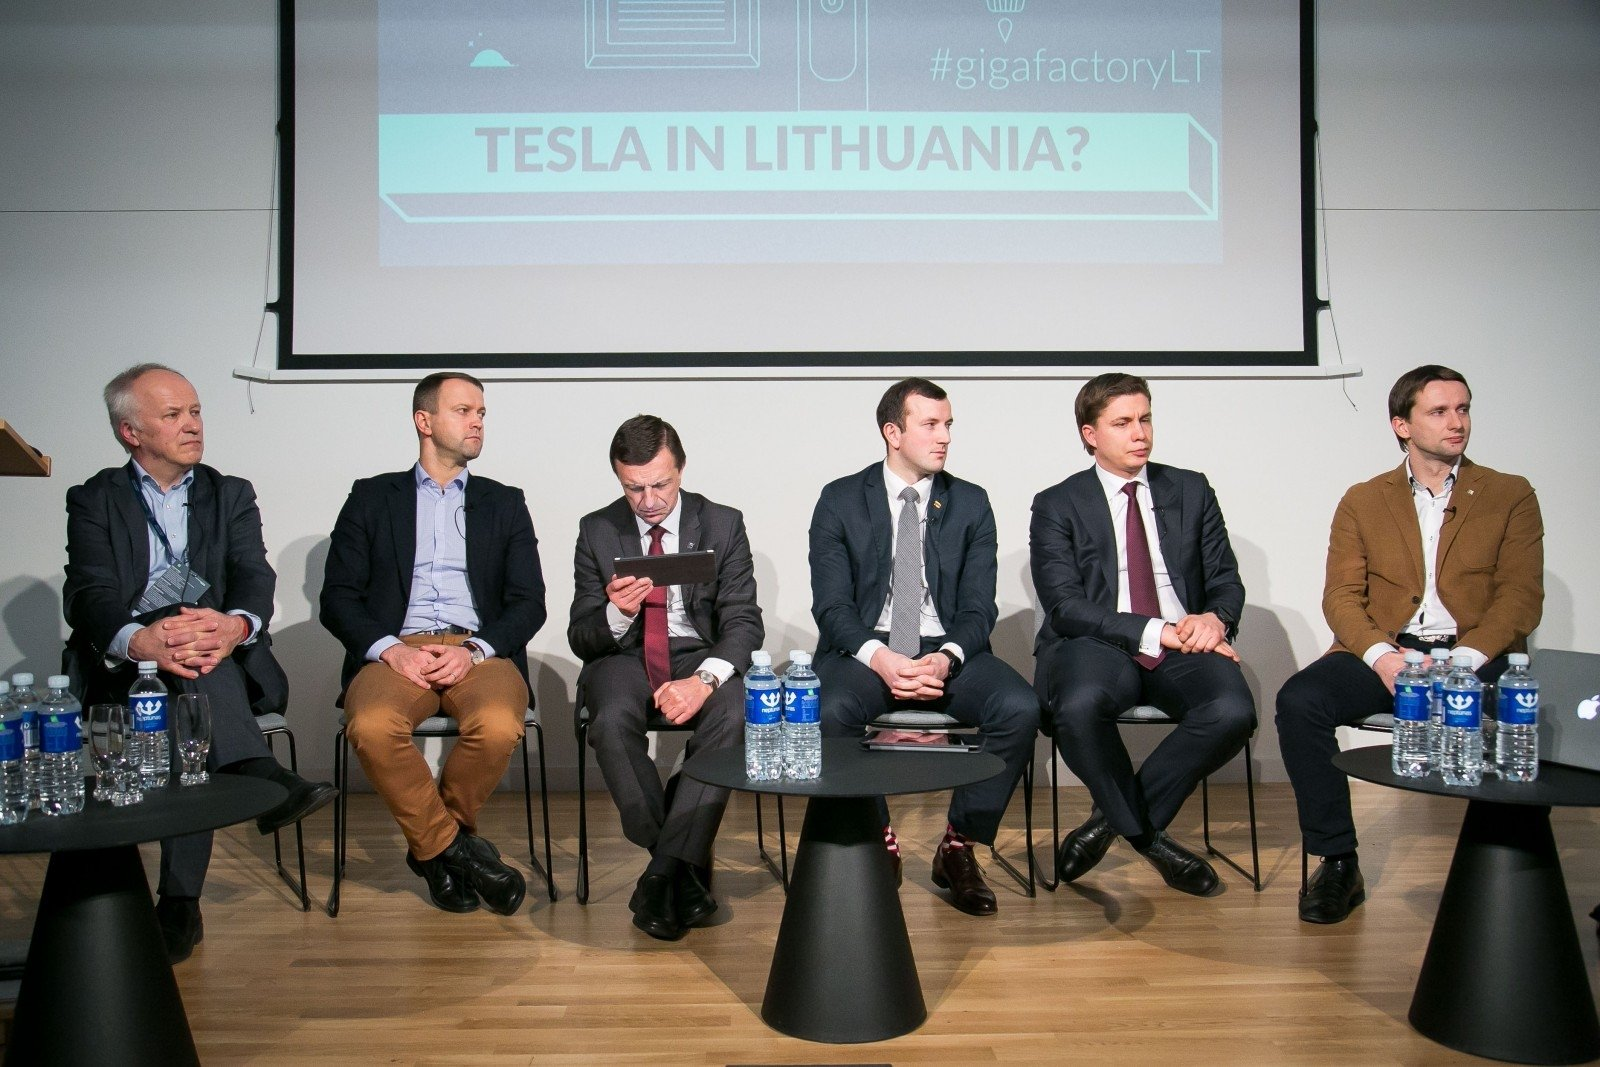 TESLA освоит производство литий-ионных батарей сPanasonic